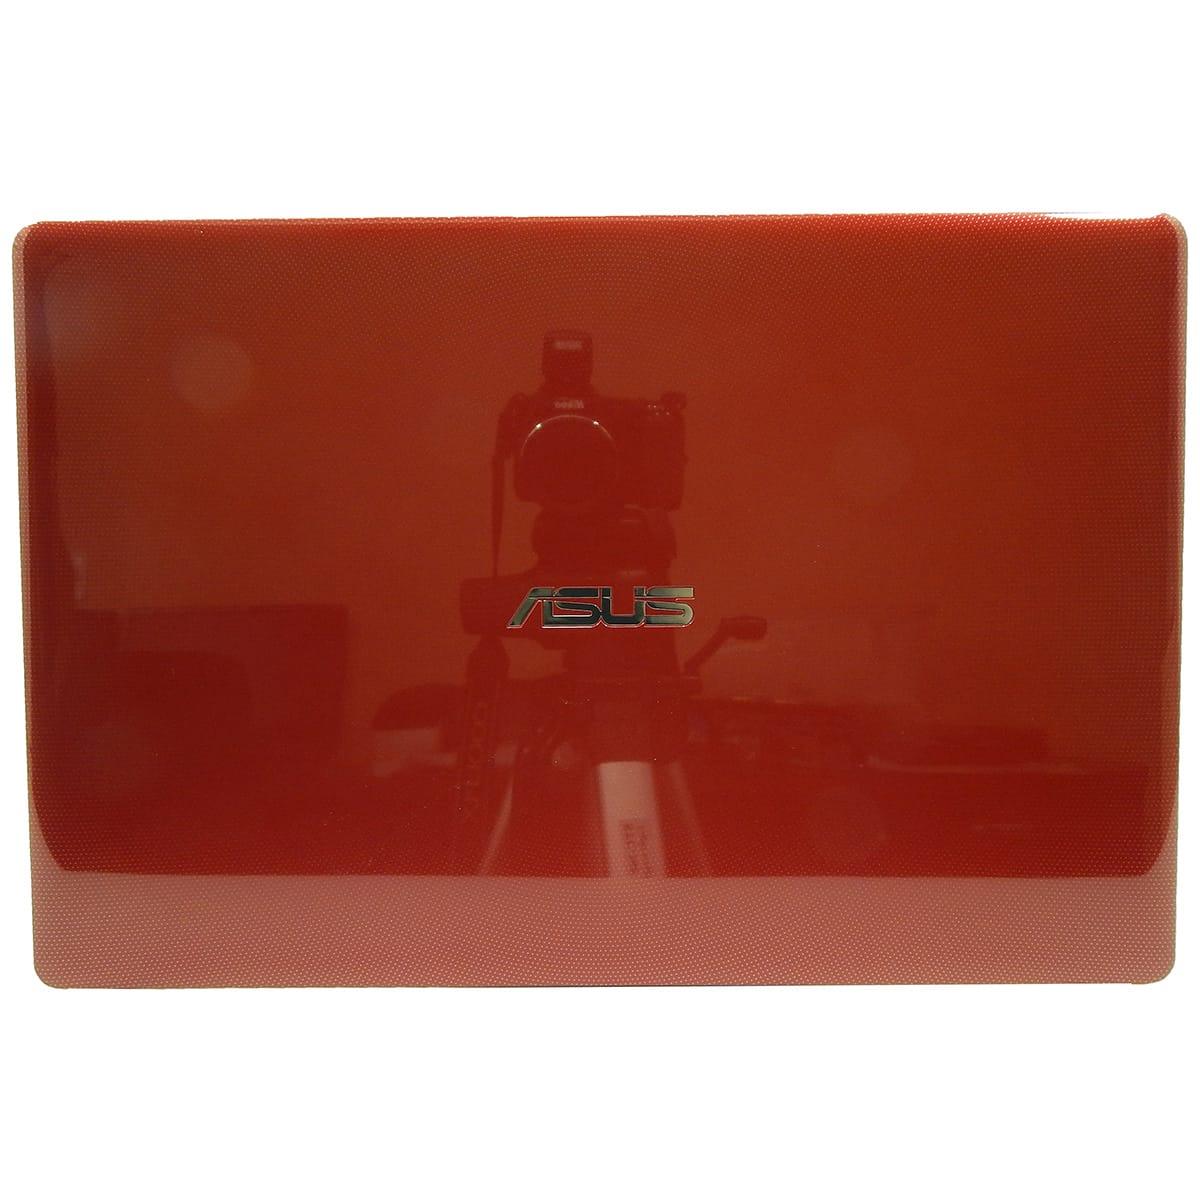 Carcaça Tampa da Tela c/ Moldura e Dobradiças p/ Notebook ASUS X450 Vermelha - Nova